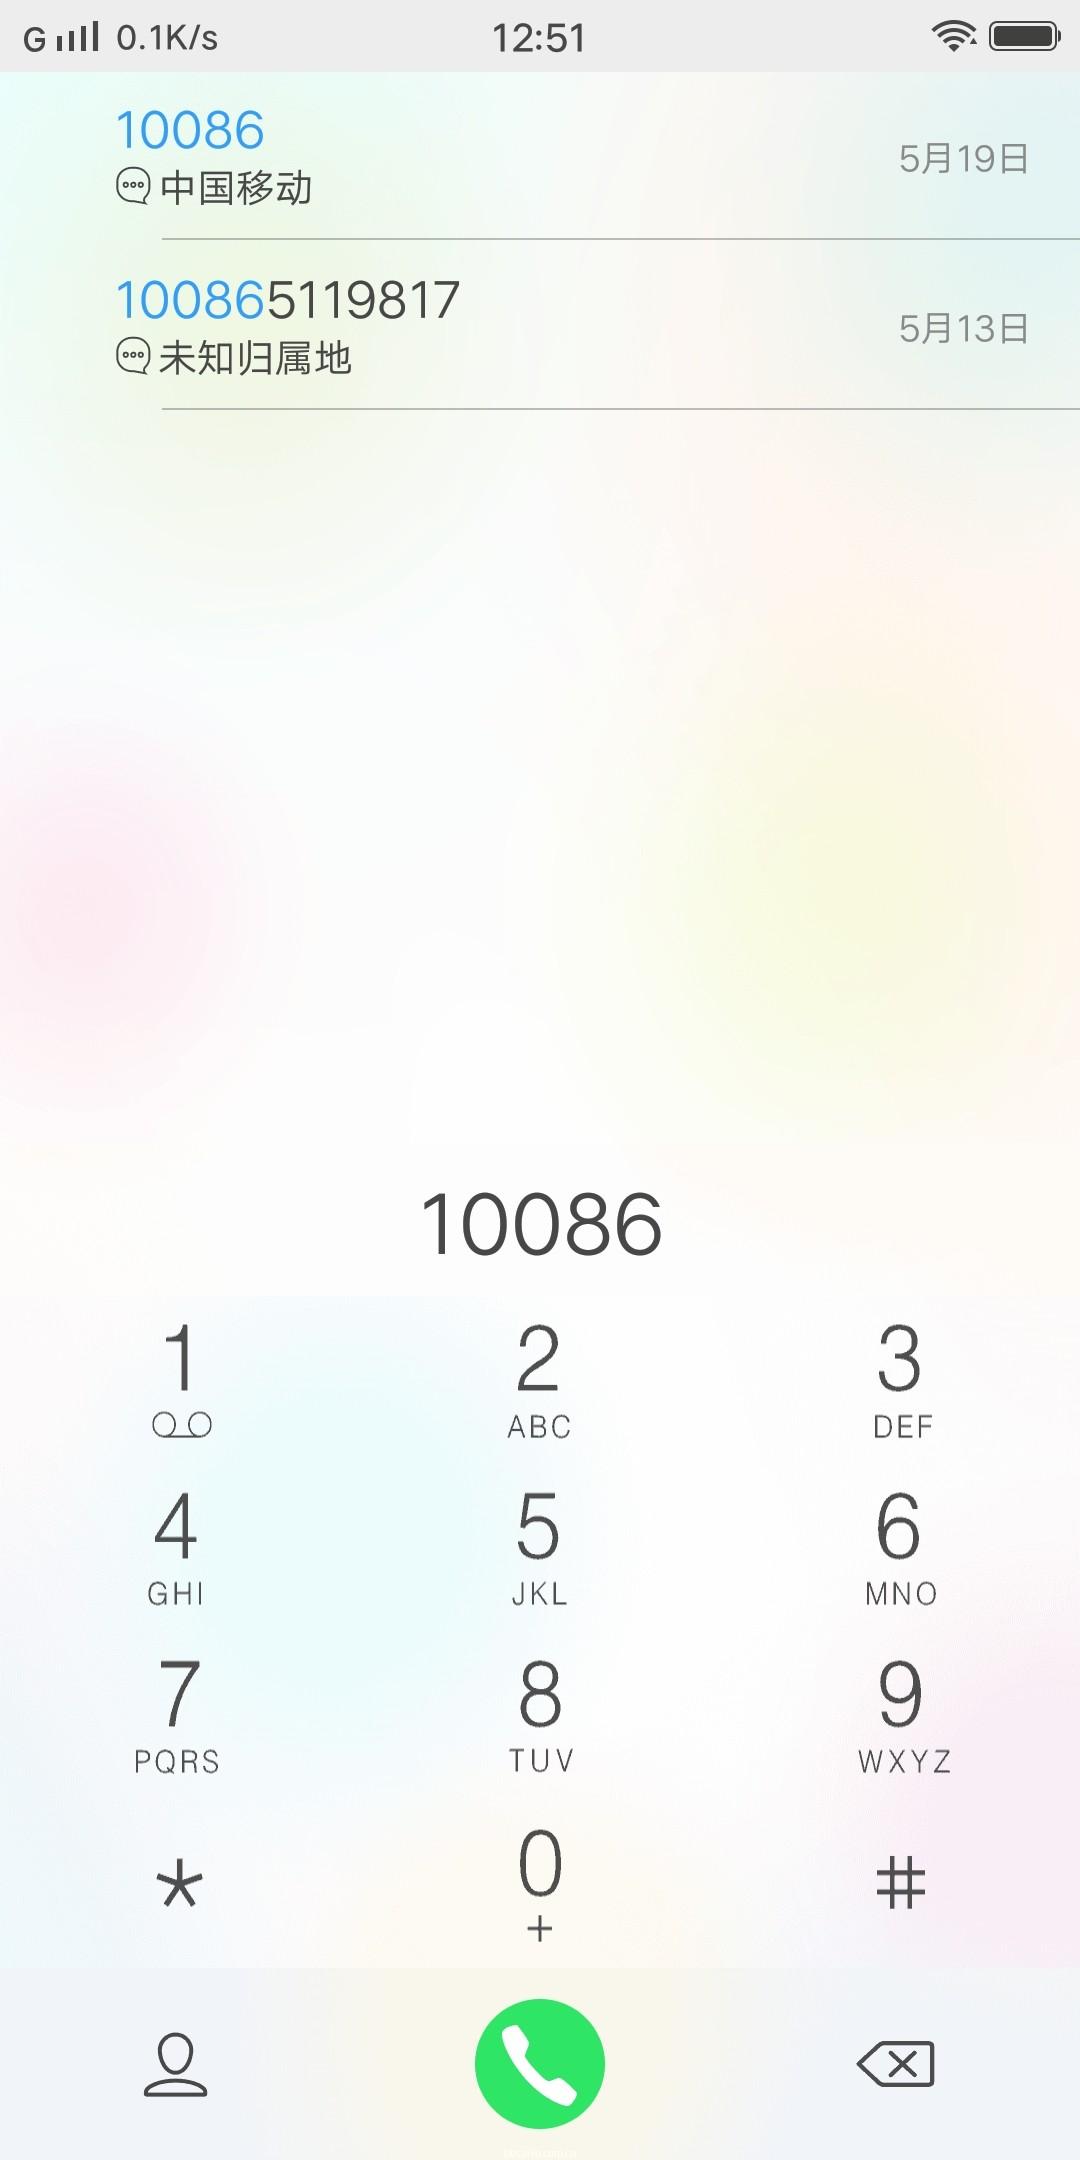 Screenshot_20180522_125140.jpg